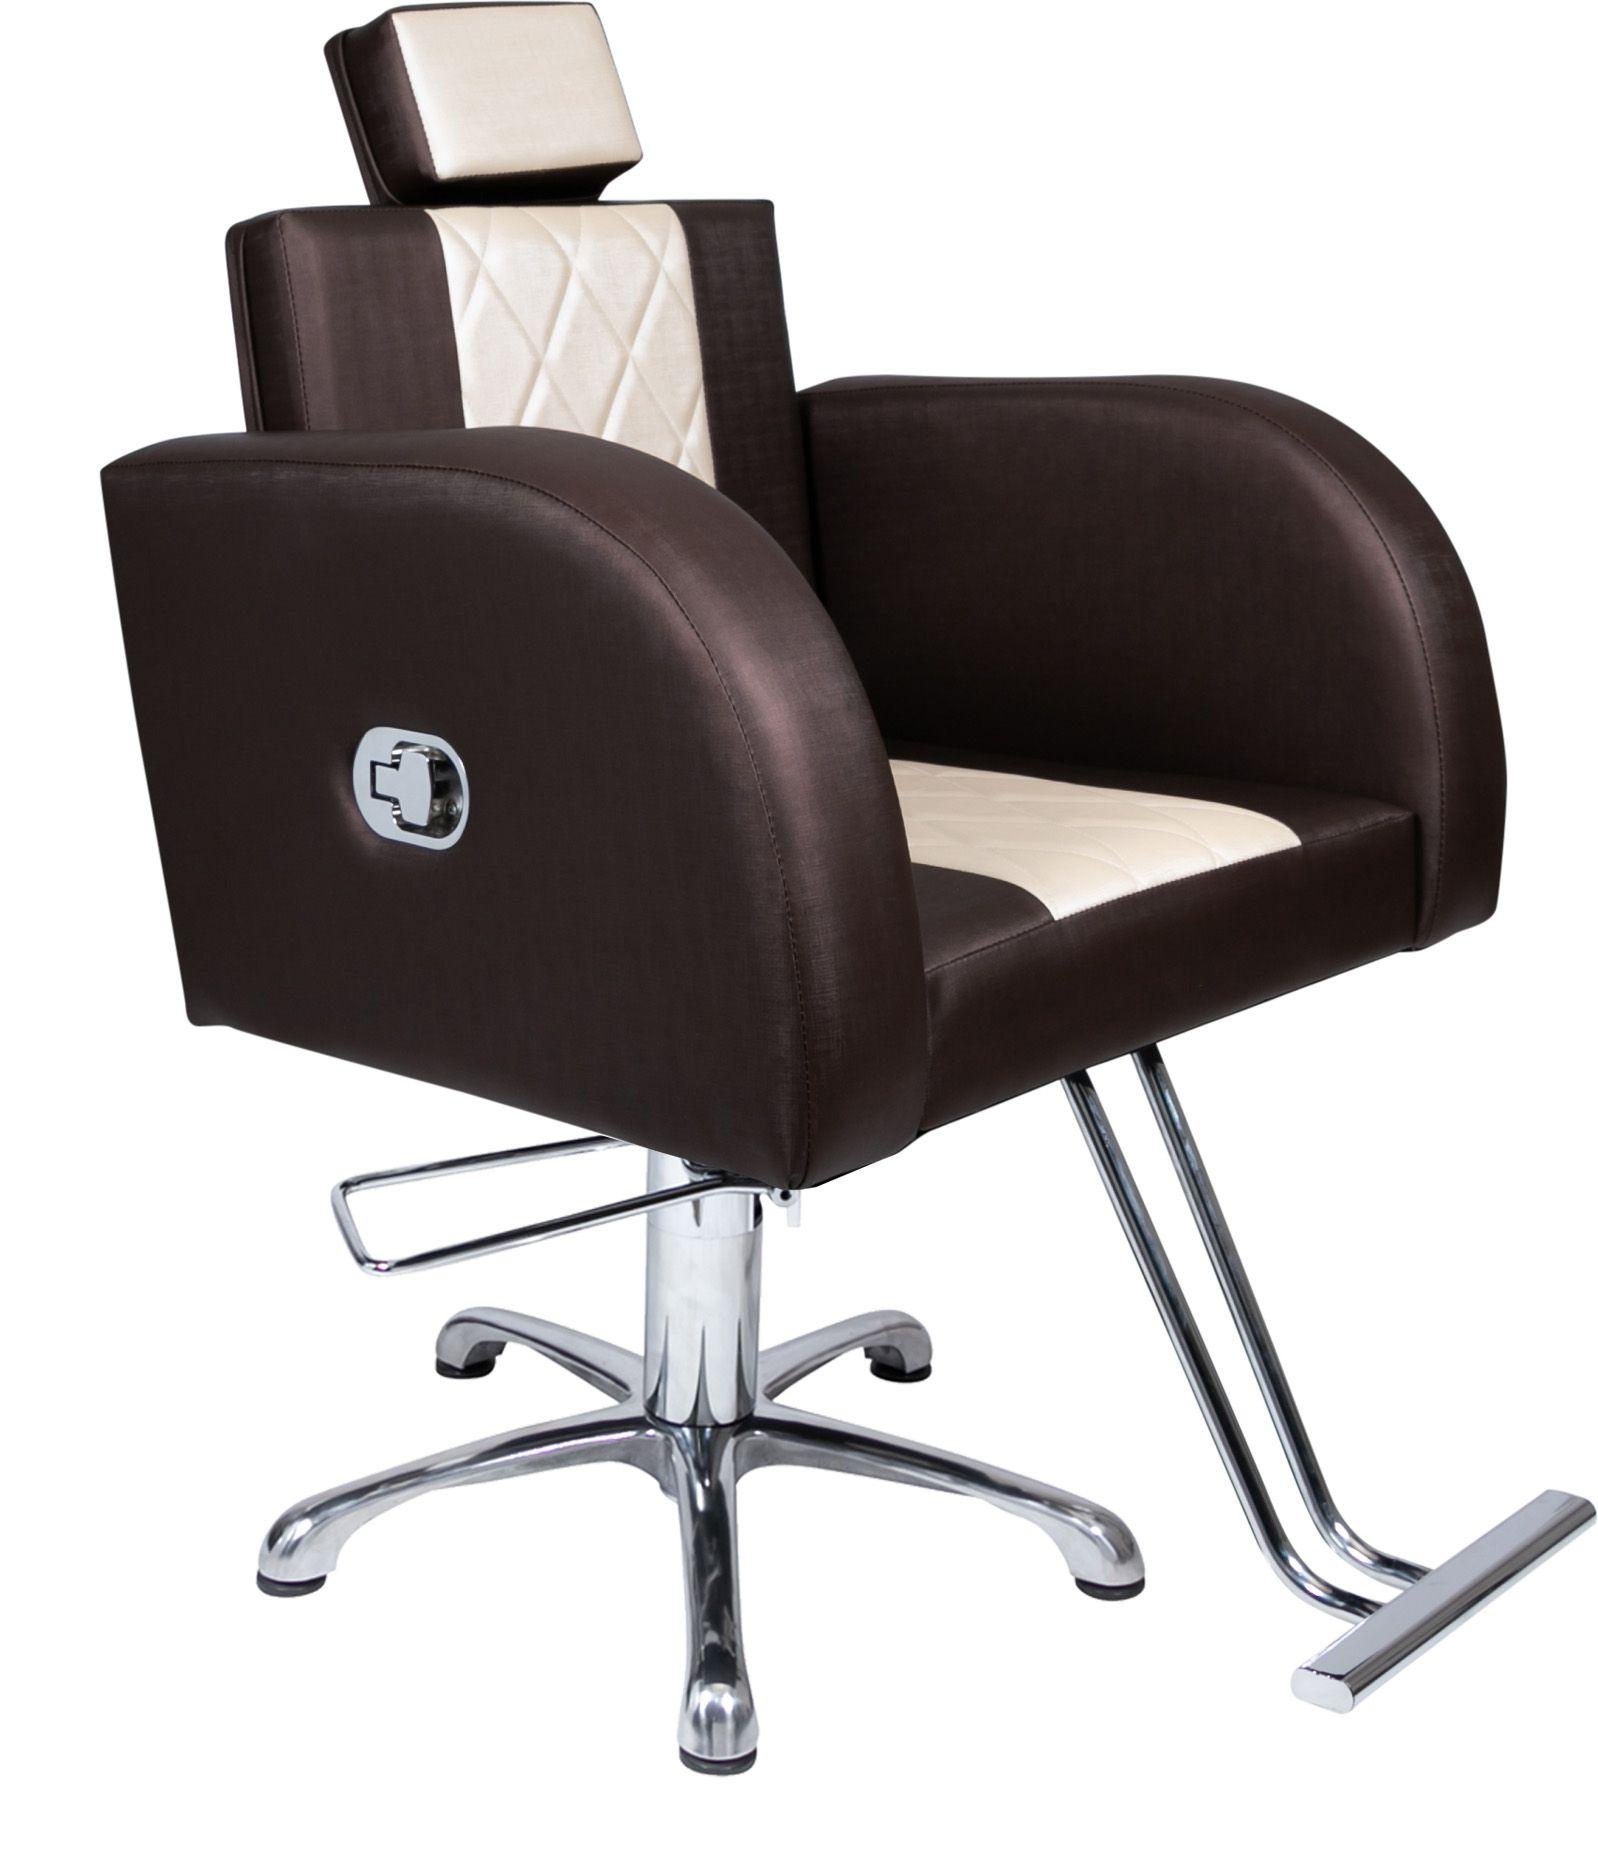 Lavatório Stilo Marrom/Bco - Cuba de Louça + Cadeira Stilo Reclinavel